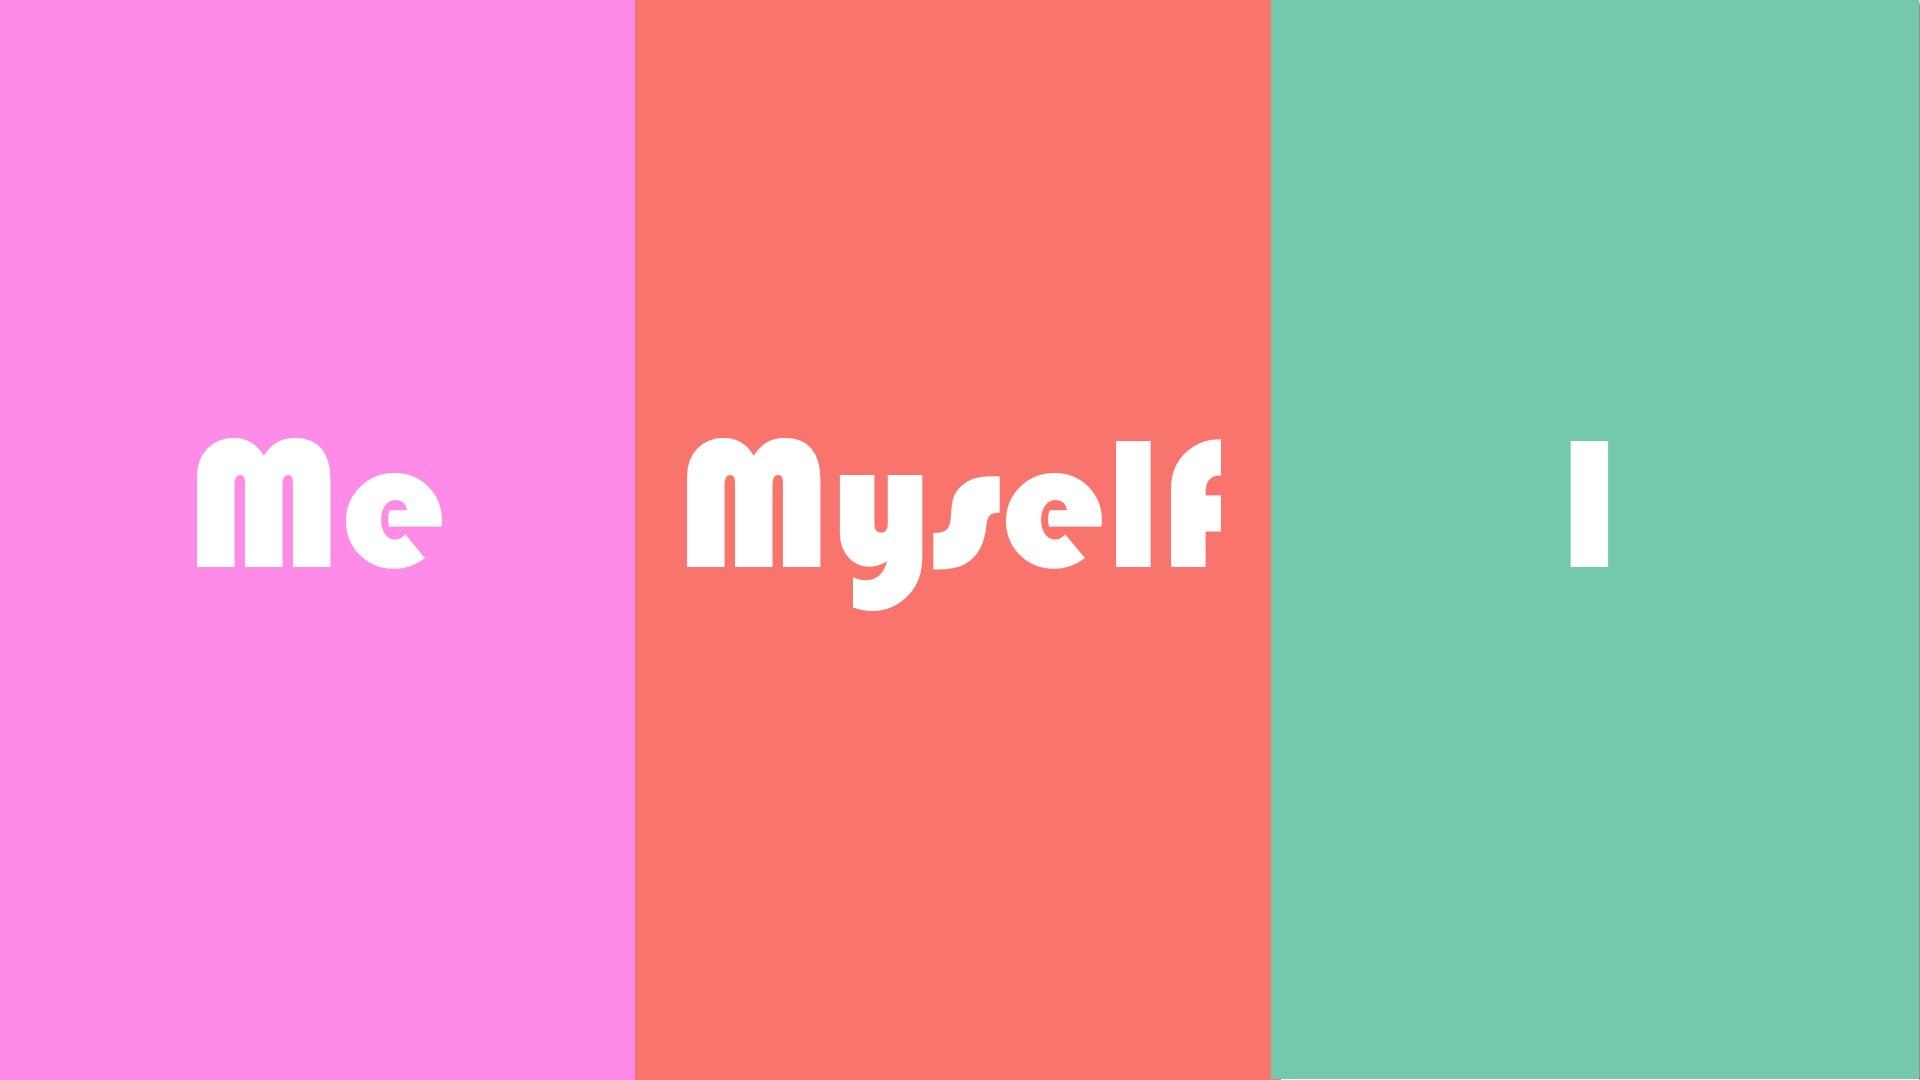 【TED】Me、Myself、I 用法大不同!